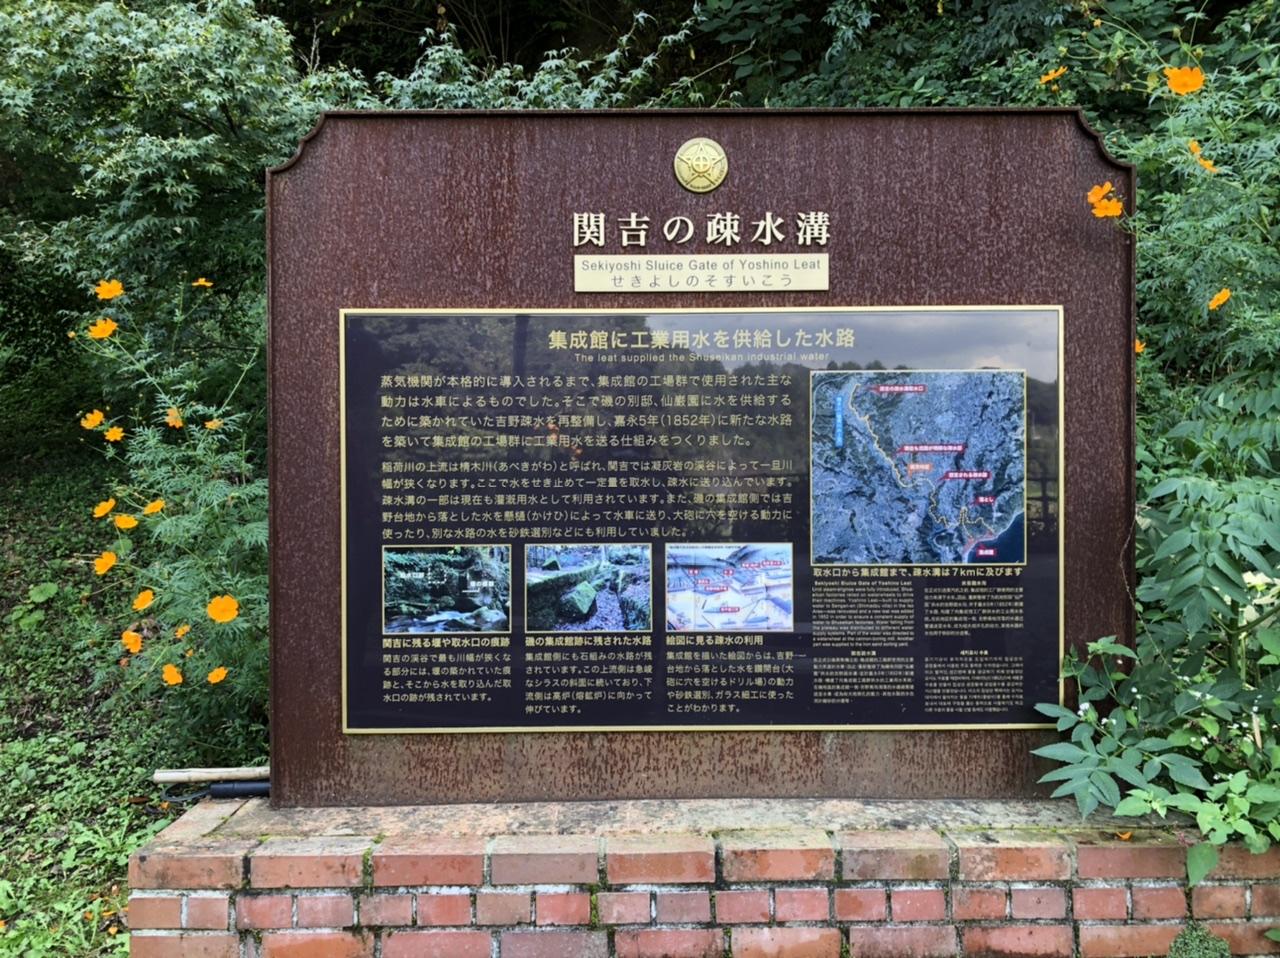 世界遺産登録5周年記念イベント「わっぜかど!近代日本始まりの地」 イメージ画像